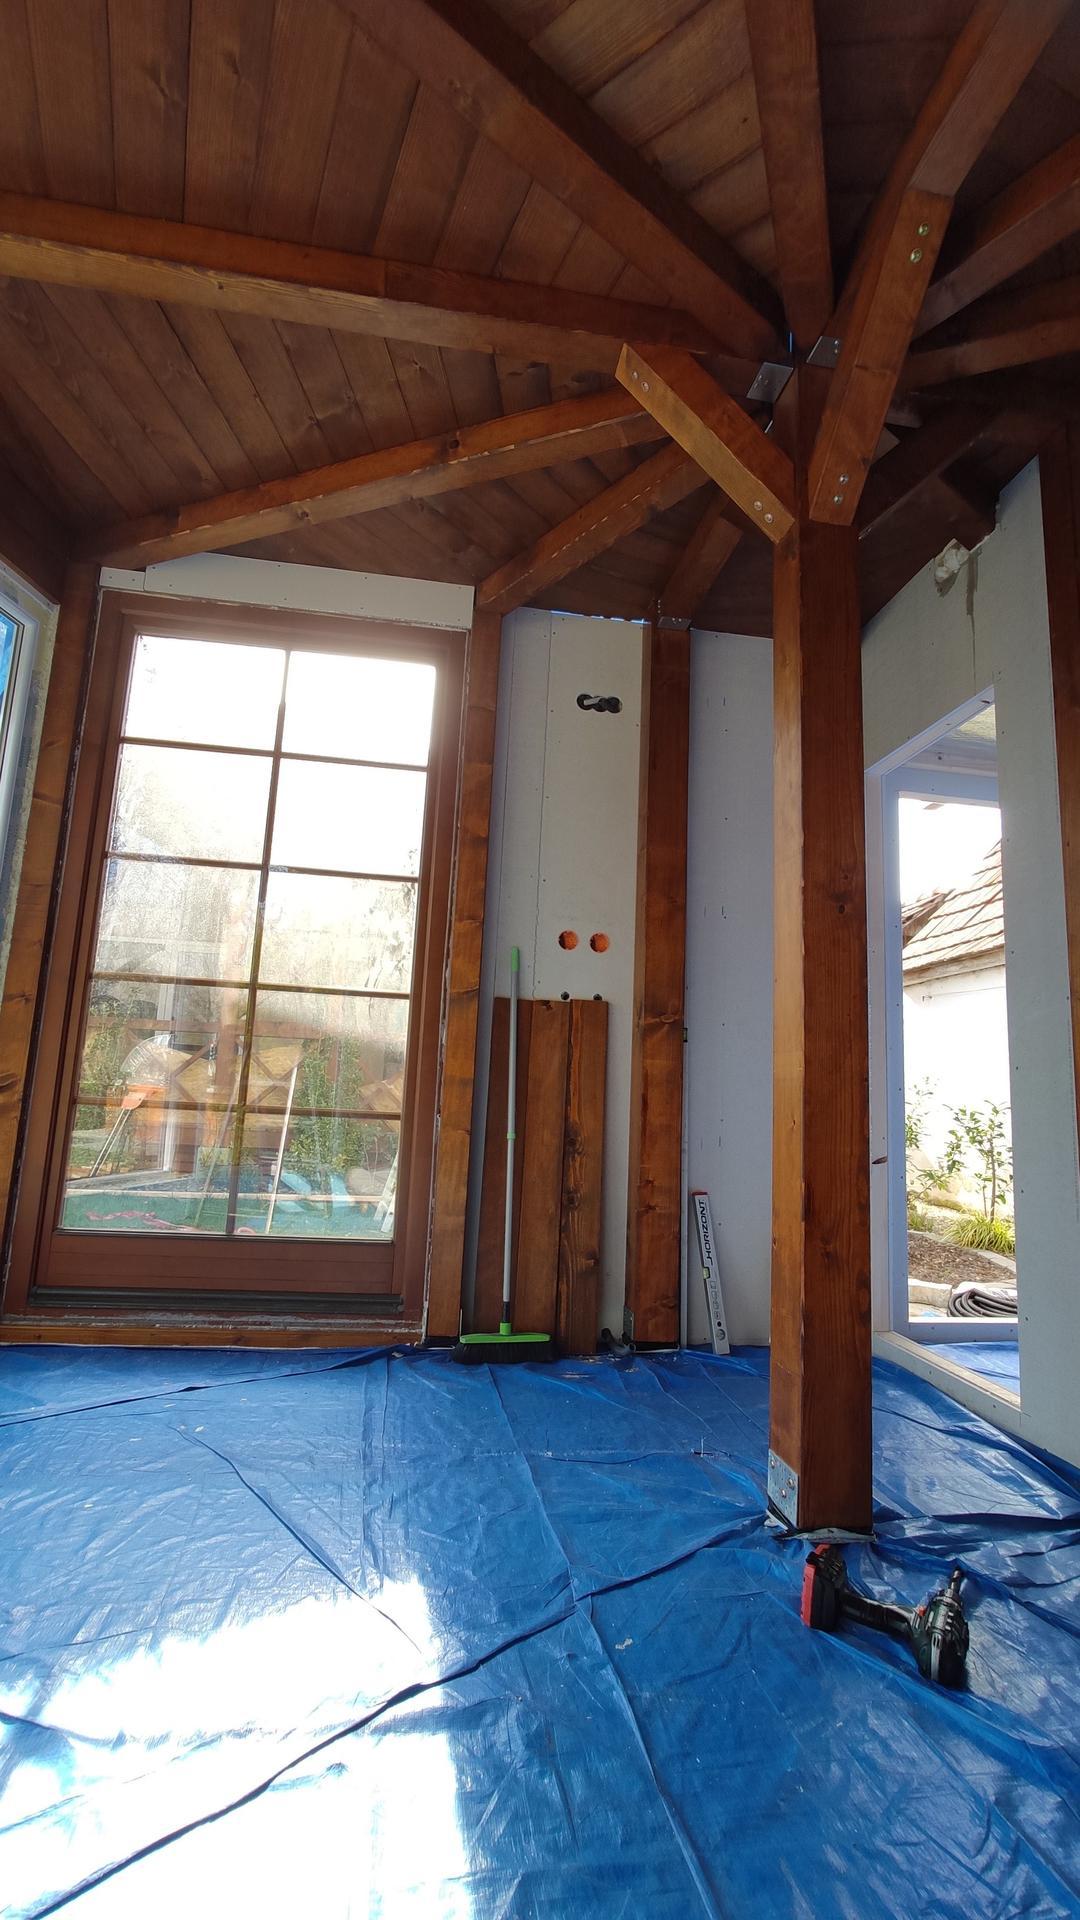 Relaxačný domček sauna a oddychová miestnosť ... plány, príprava a realizácia - Obrázok č. 95